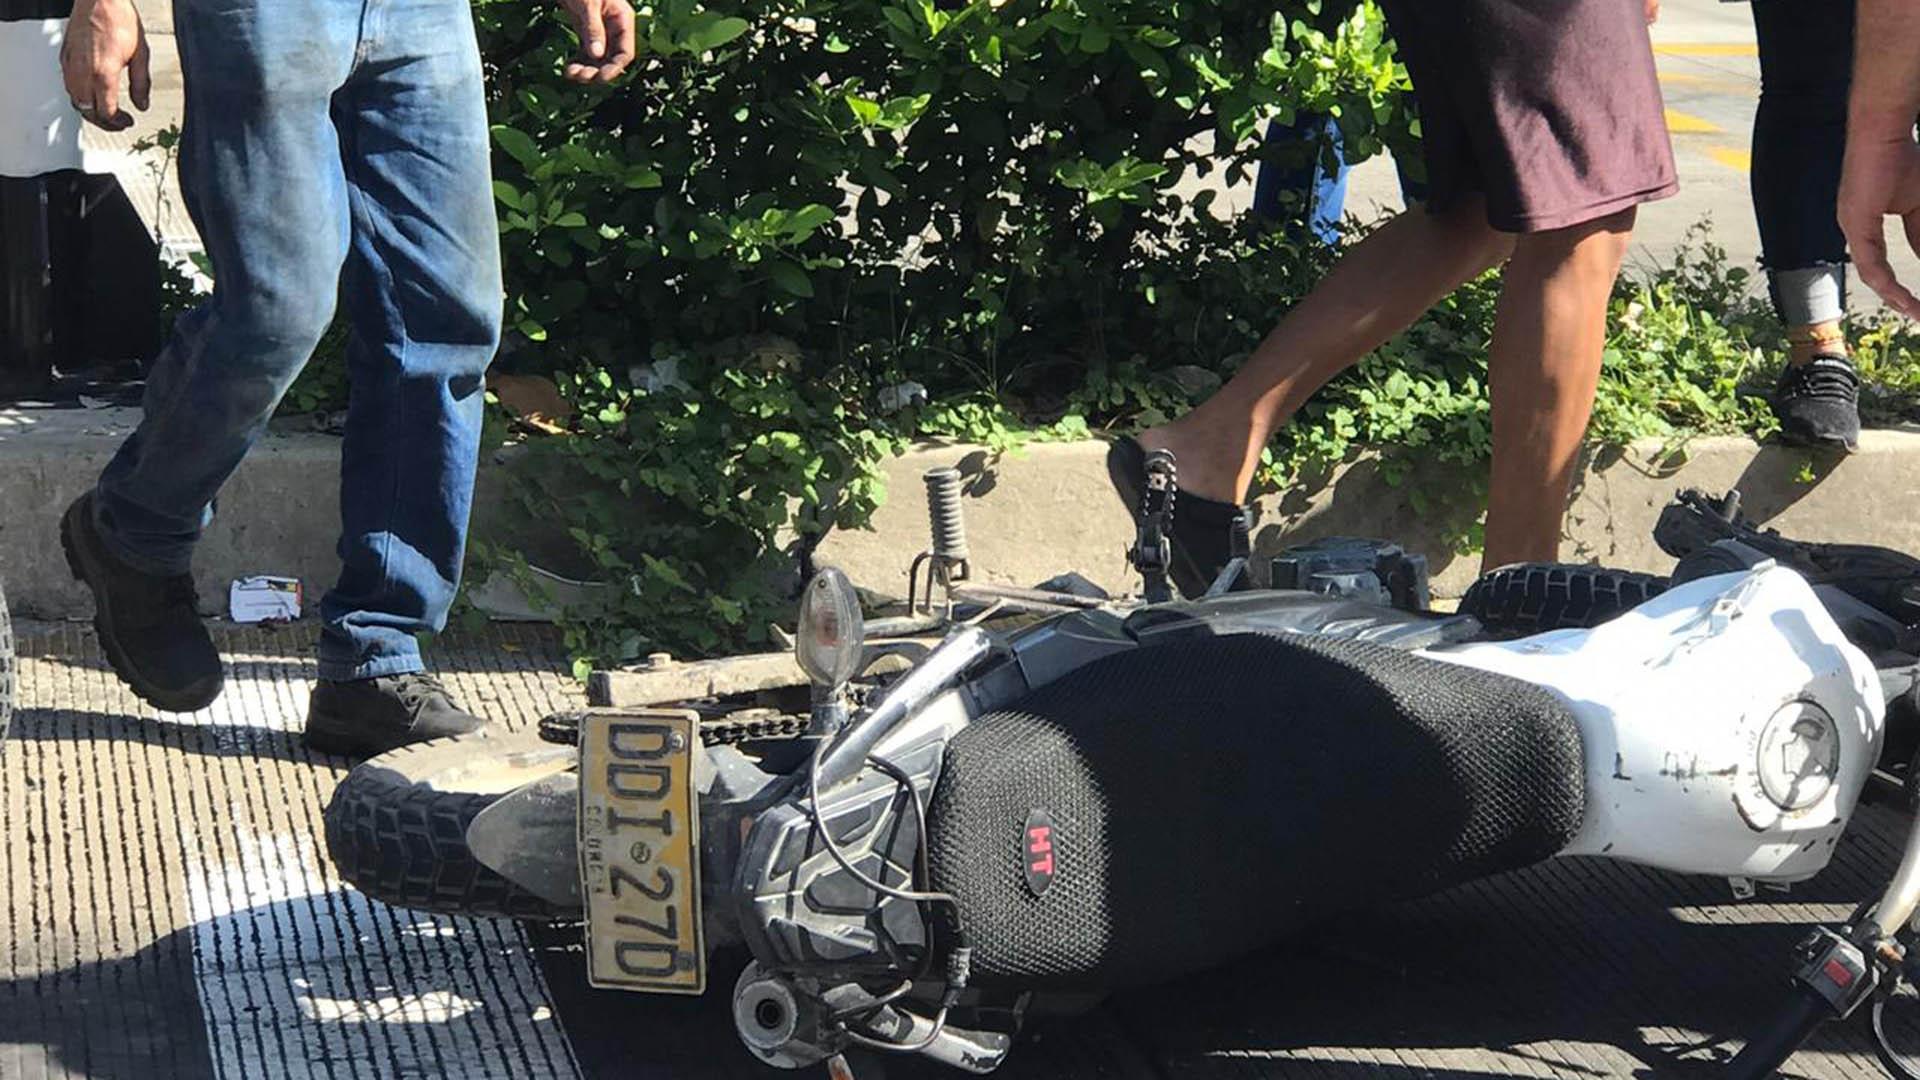 La moto quedó sobre la carrera 46, en el carril de 'Solo bus' de Transmetro.